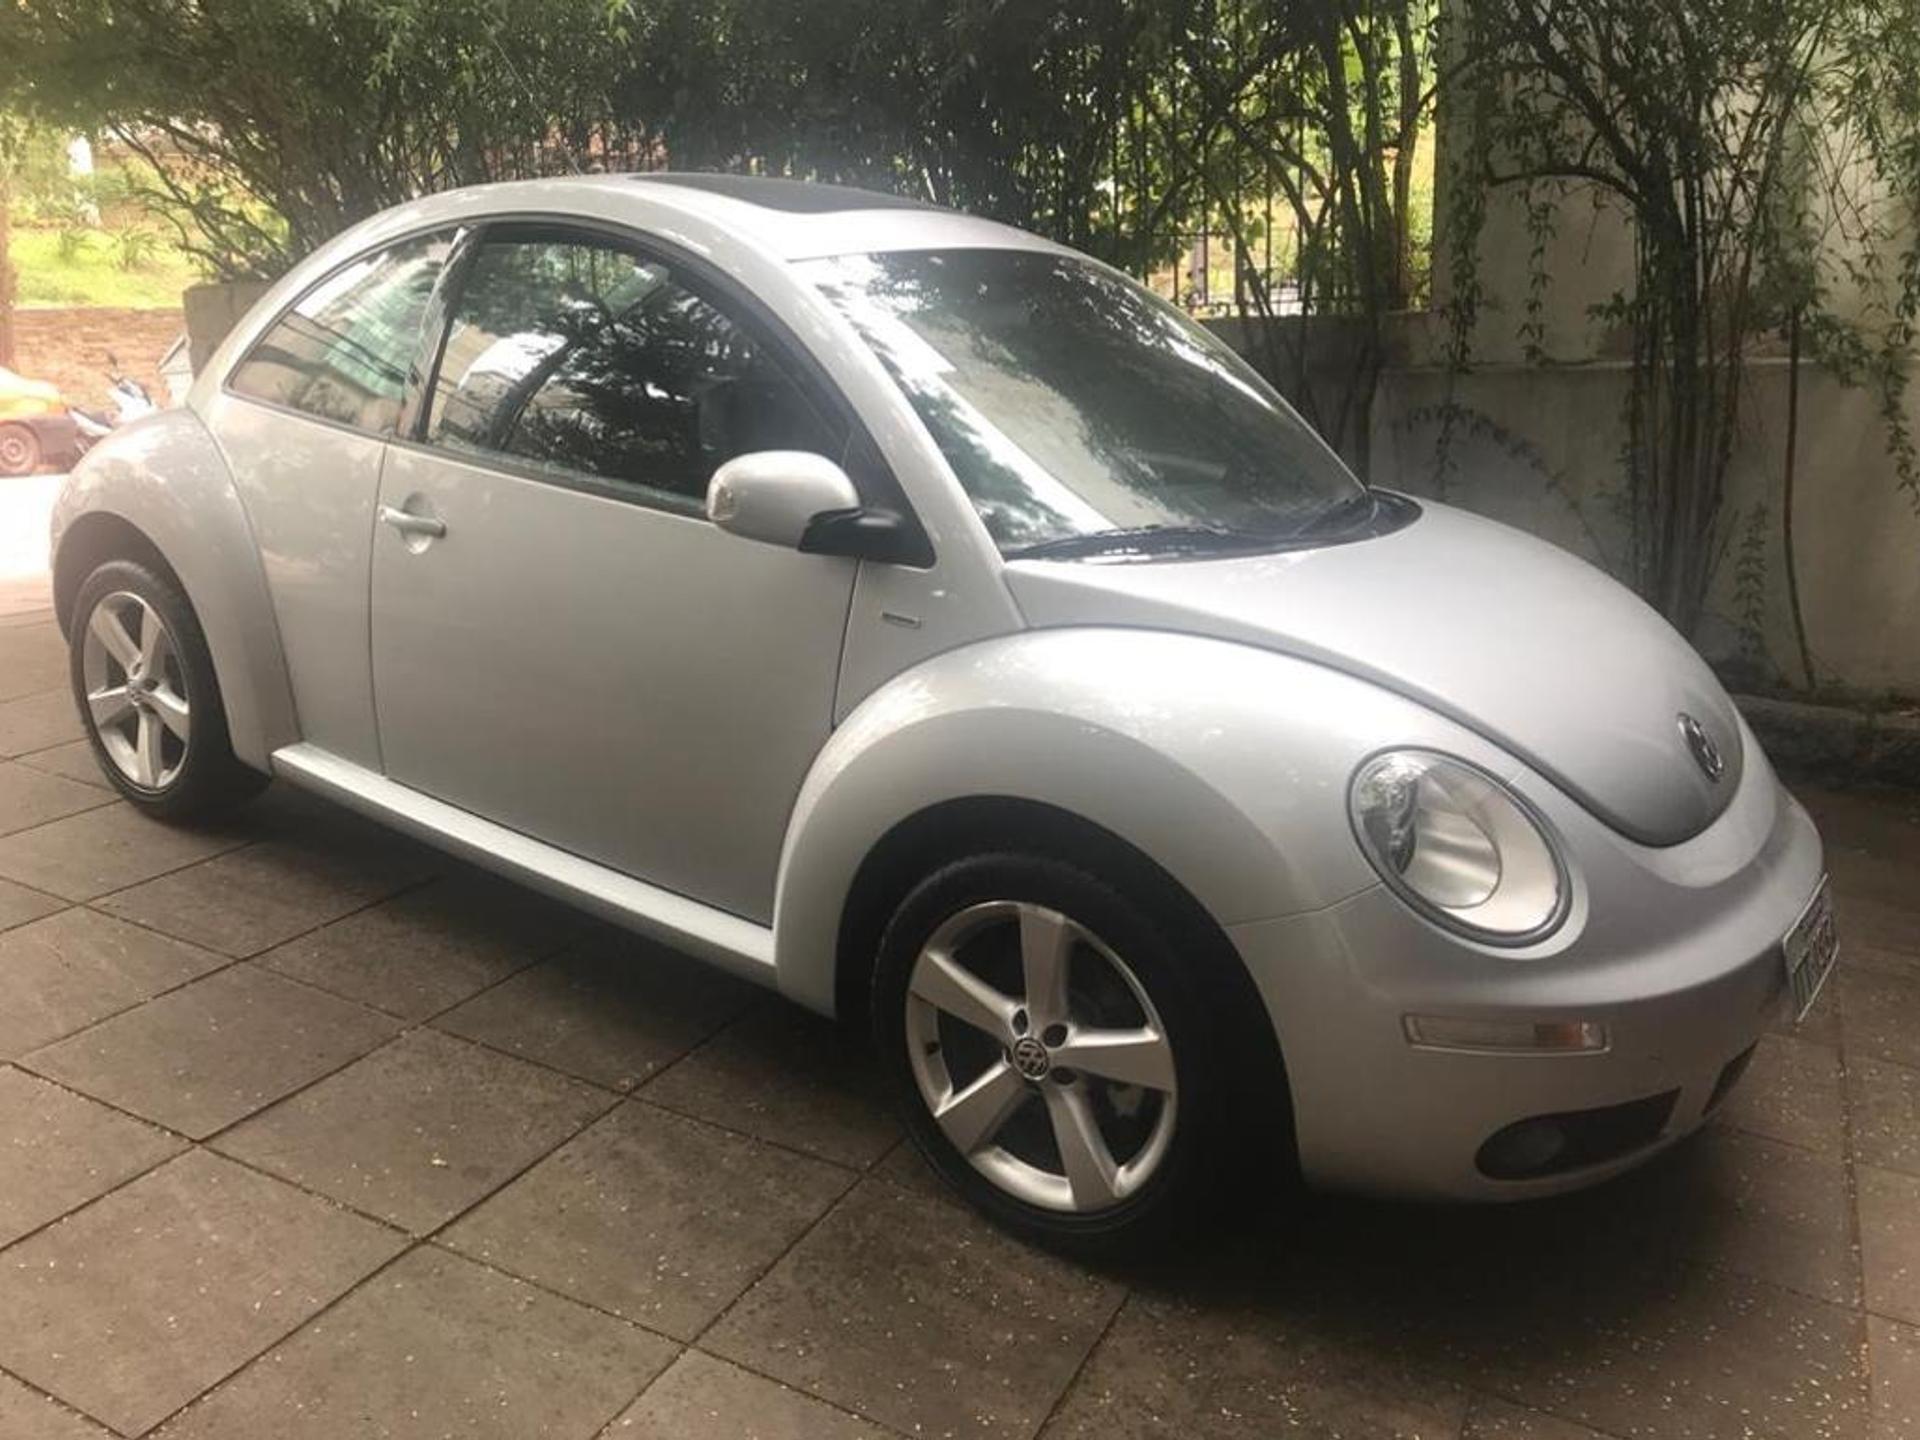 Volkswagen New Beetle 2.0 Mi 8v Gasolina 2p Tiptronic Wmimagem09075457790